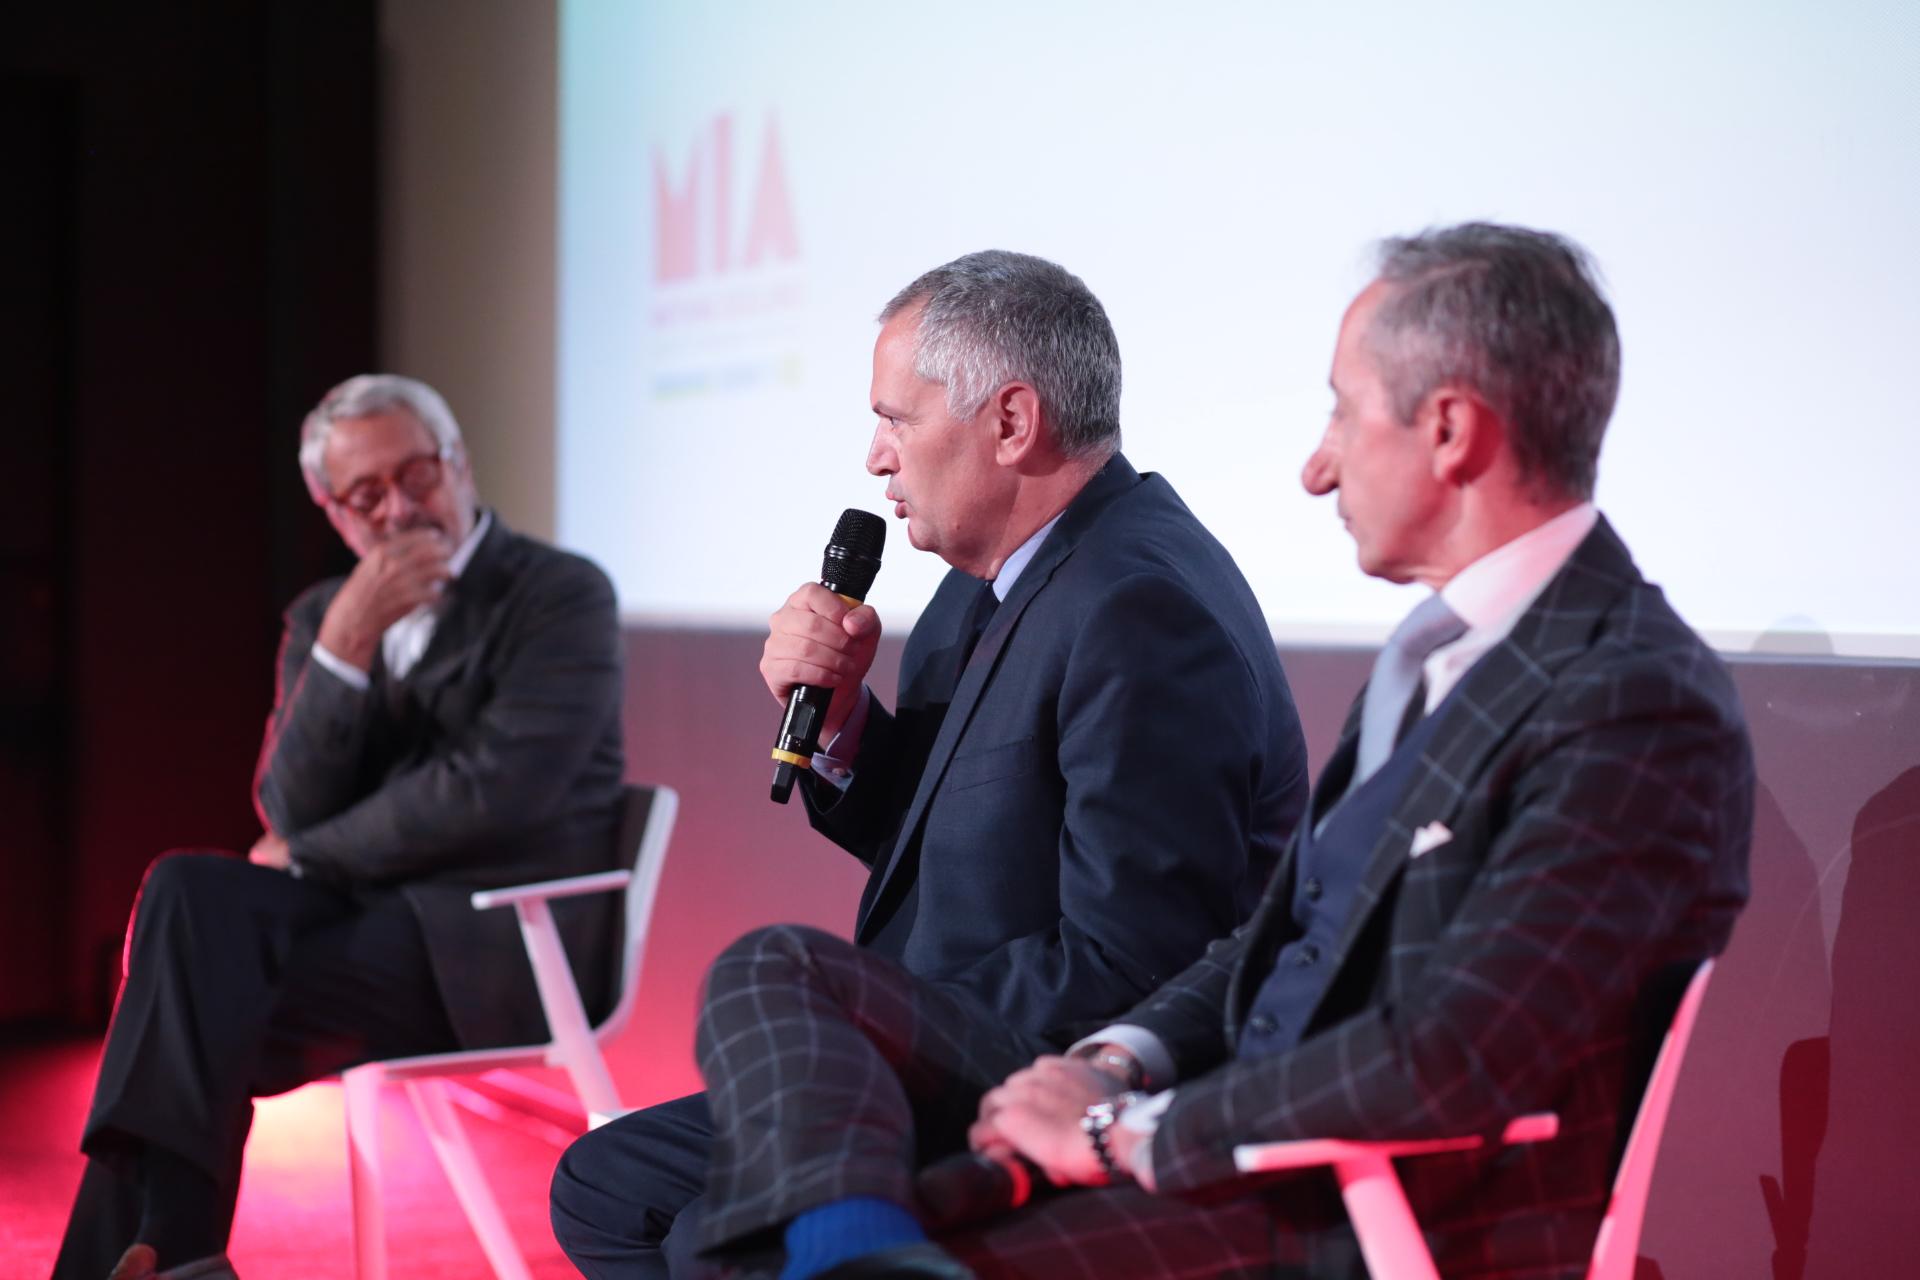 Roberto Cicutto, Nicola Borrelli, Roberto Stabile